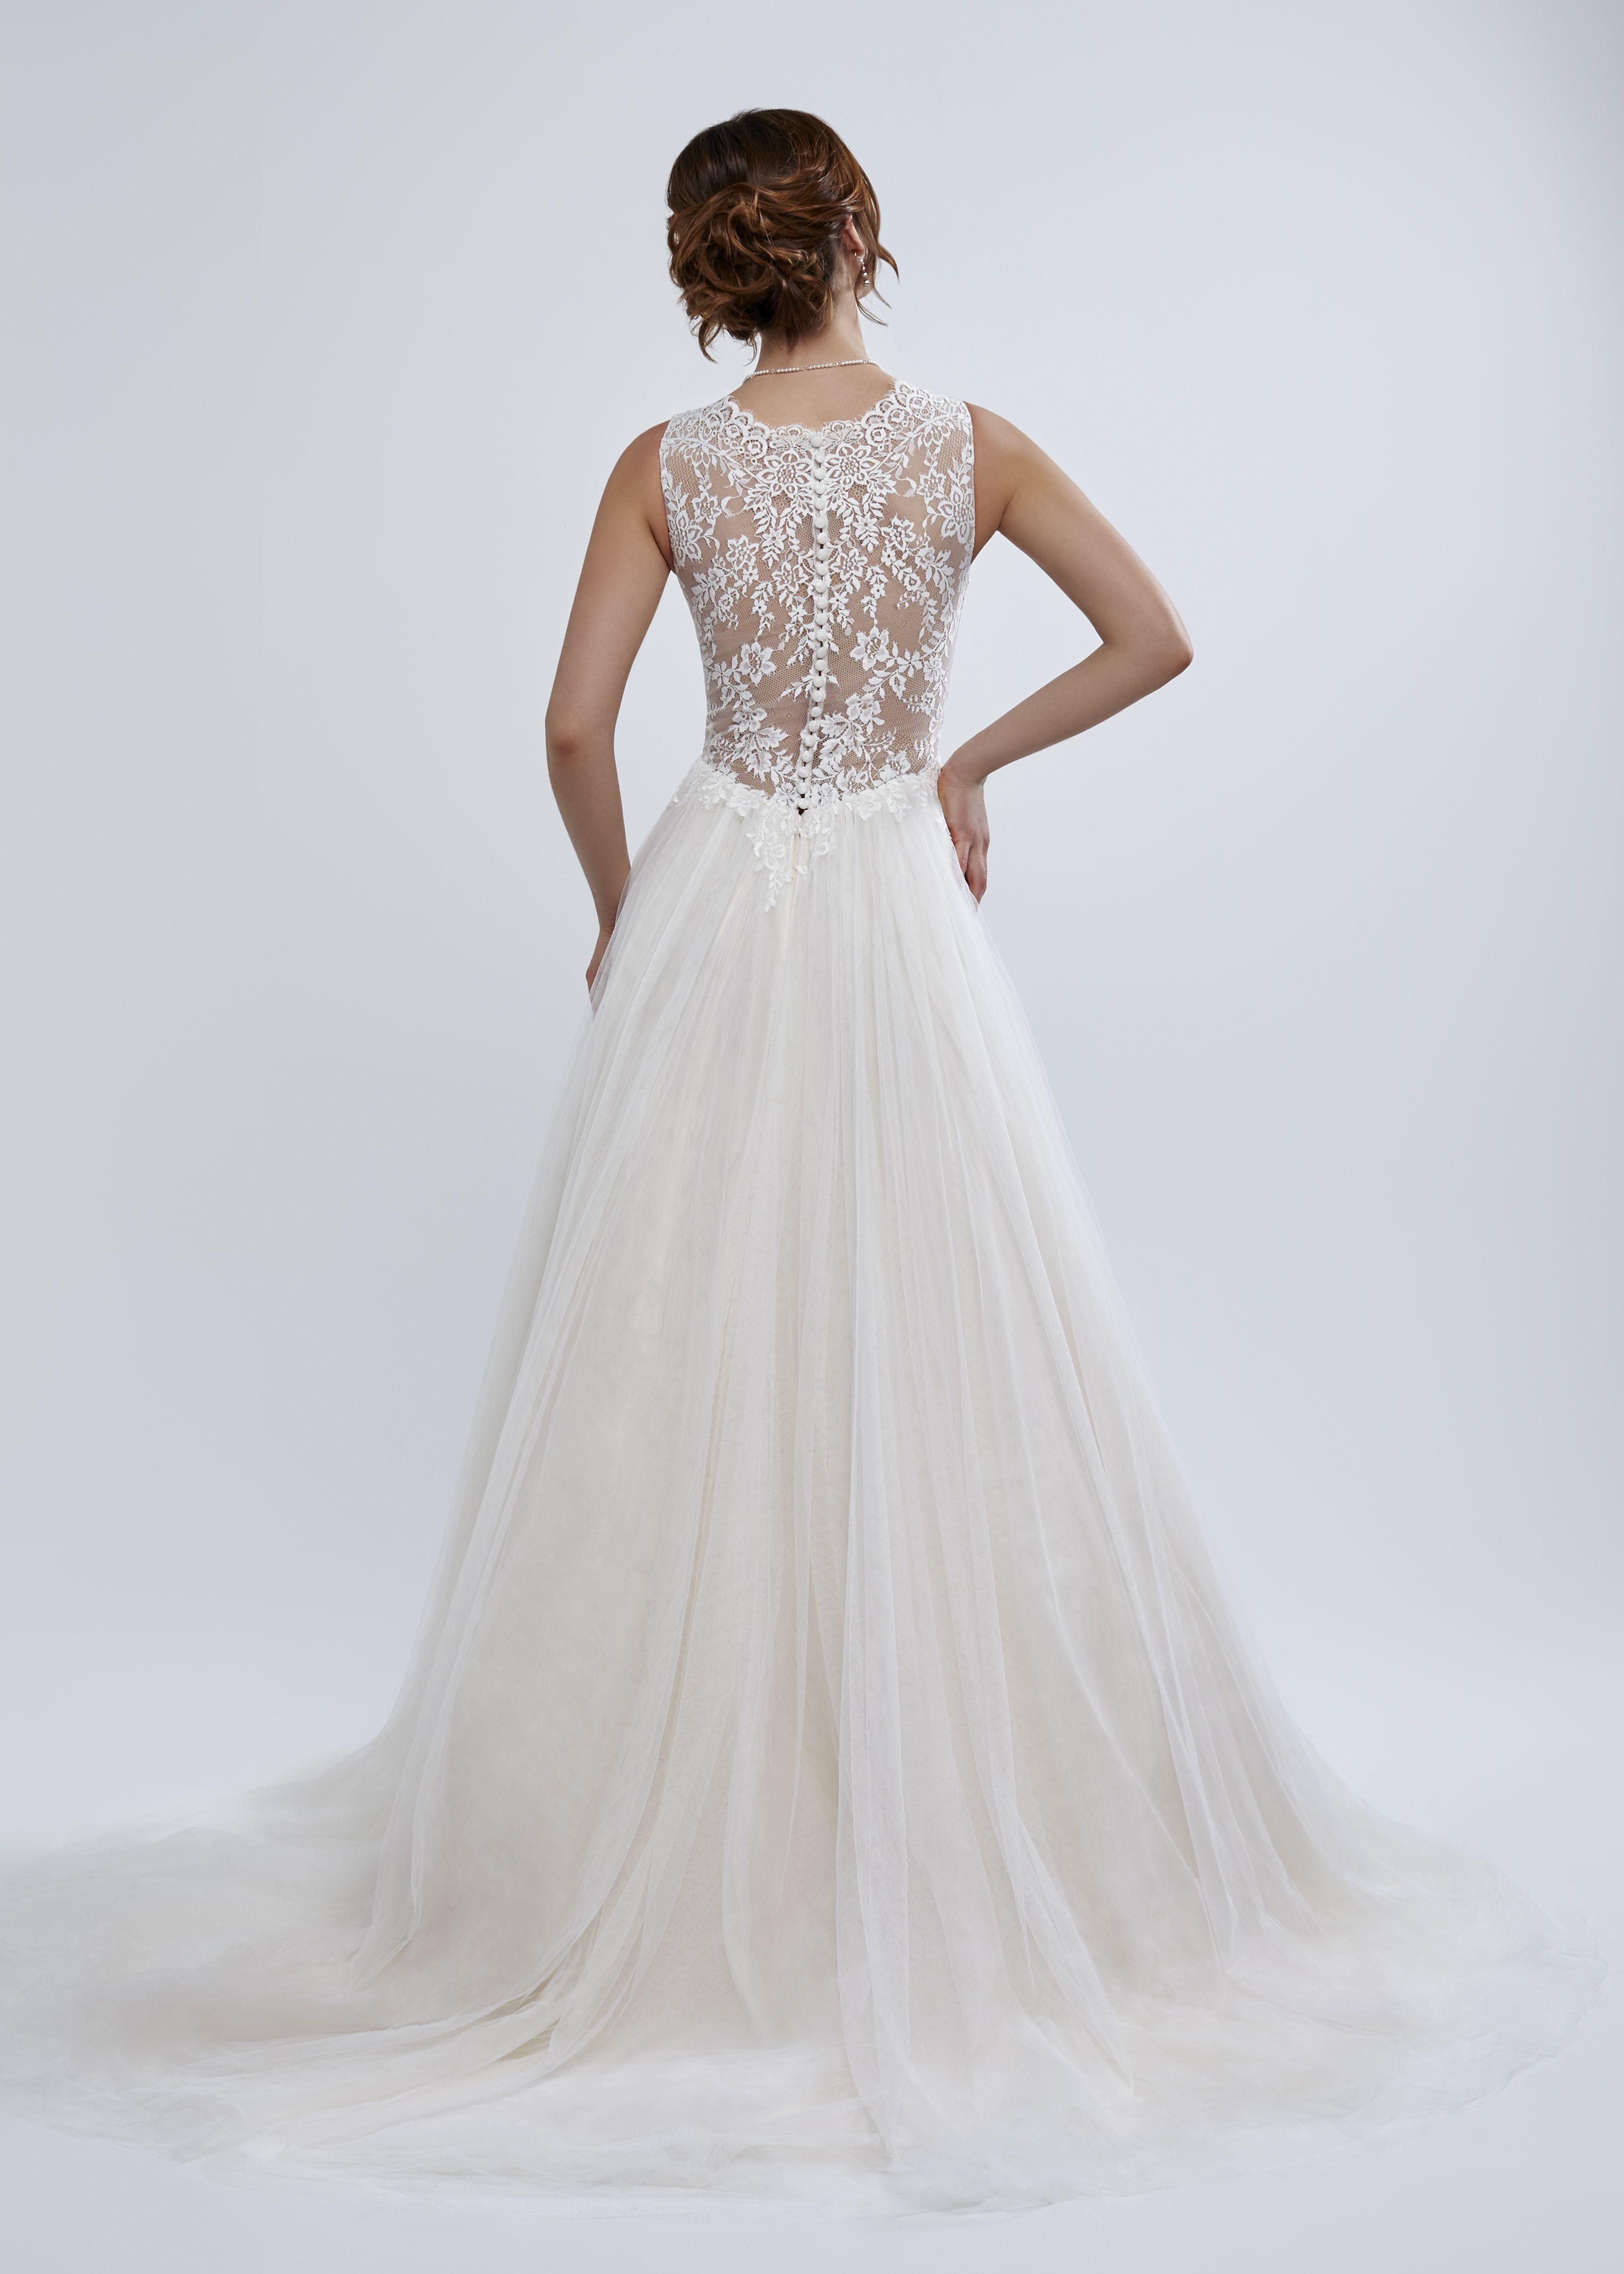 Ziemlich Brautjunferkleider Davids Braut Galerie - Brautkleider ...